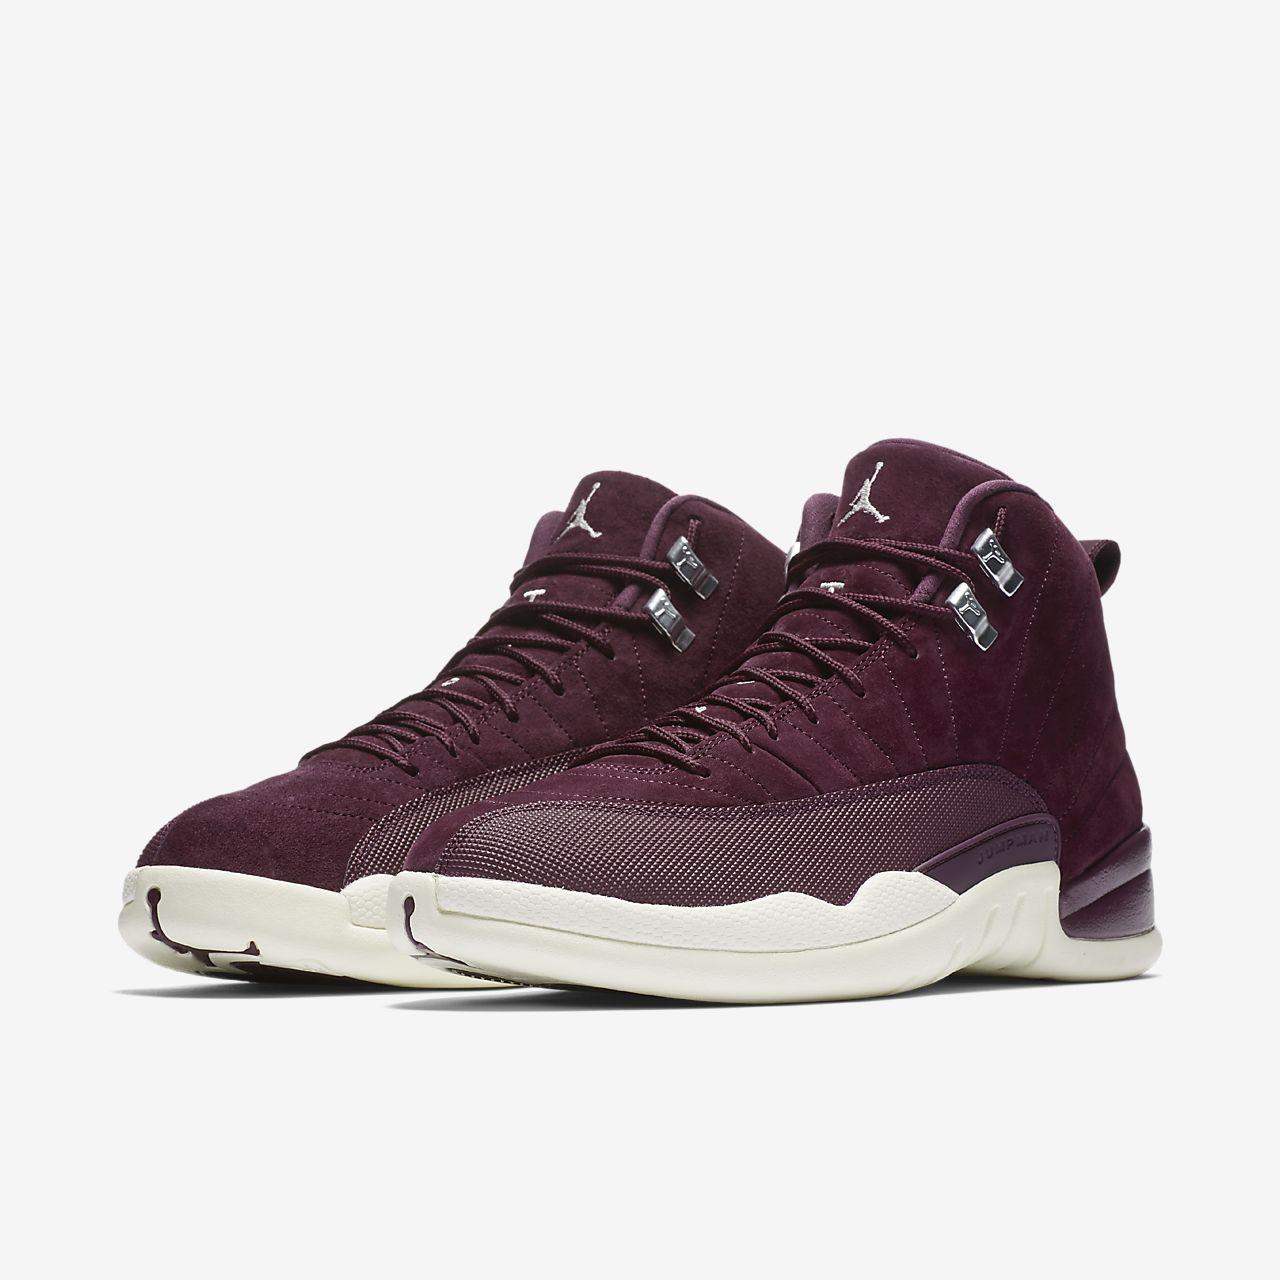 ... Air Jordan 12 Retro 男鞋